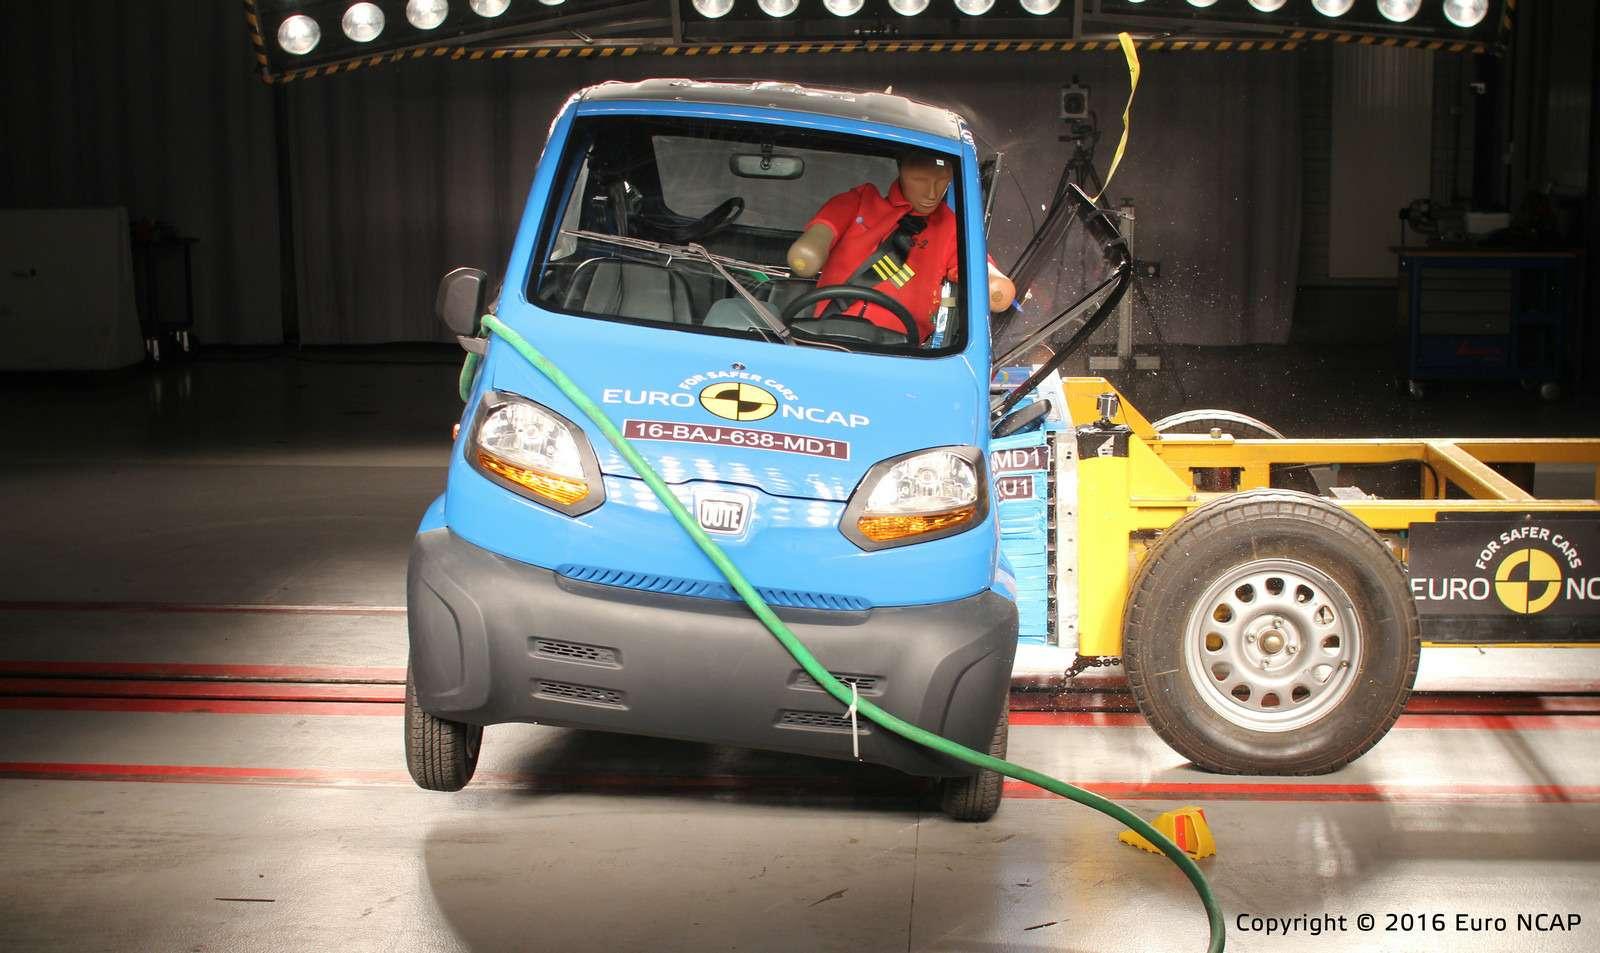 Euro NCAP огласил ужасающие результаты краш-тестов тяжелых квадроциклов— фото 573077